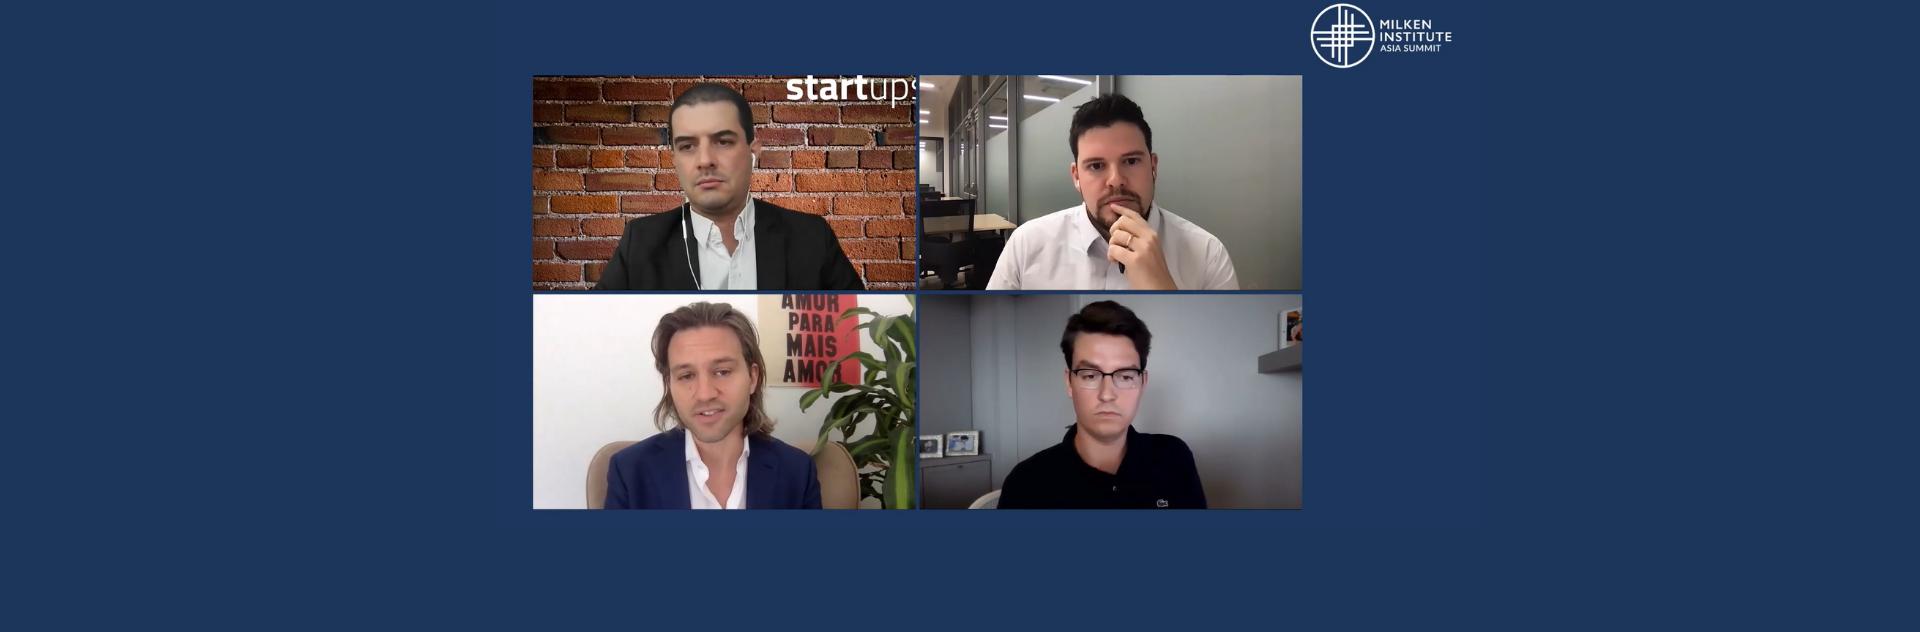 """Brasil está perto de """"explosão cambriana"""" em investimento e criação de startups"""